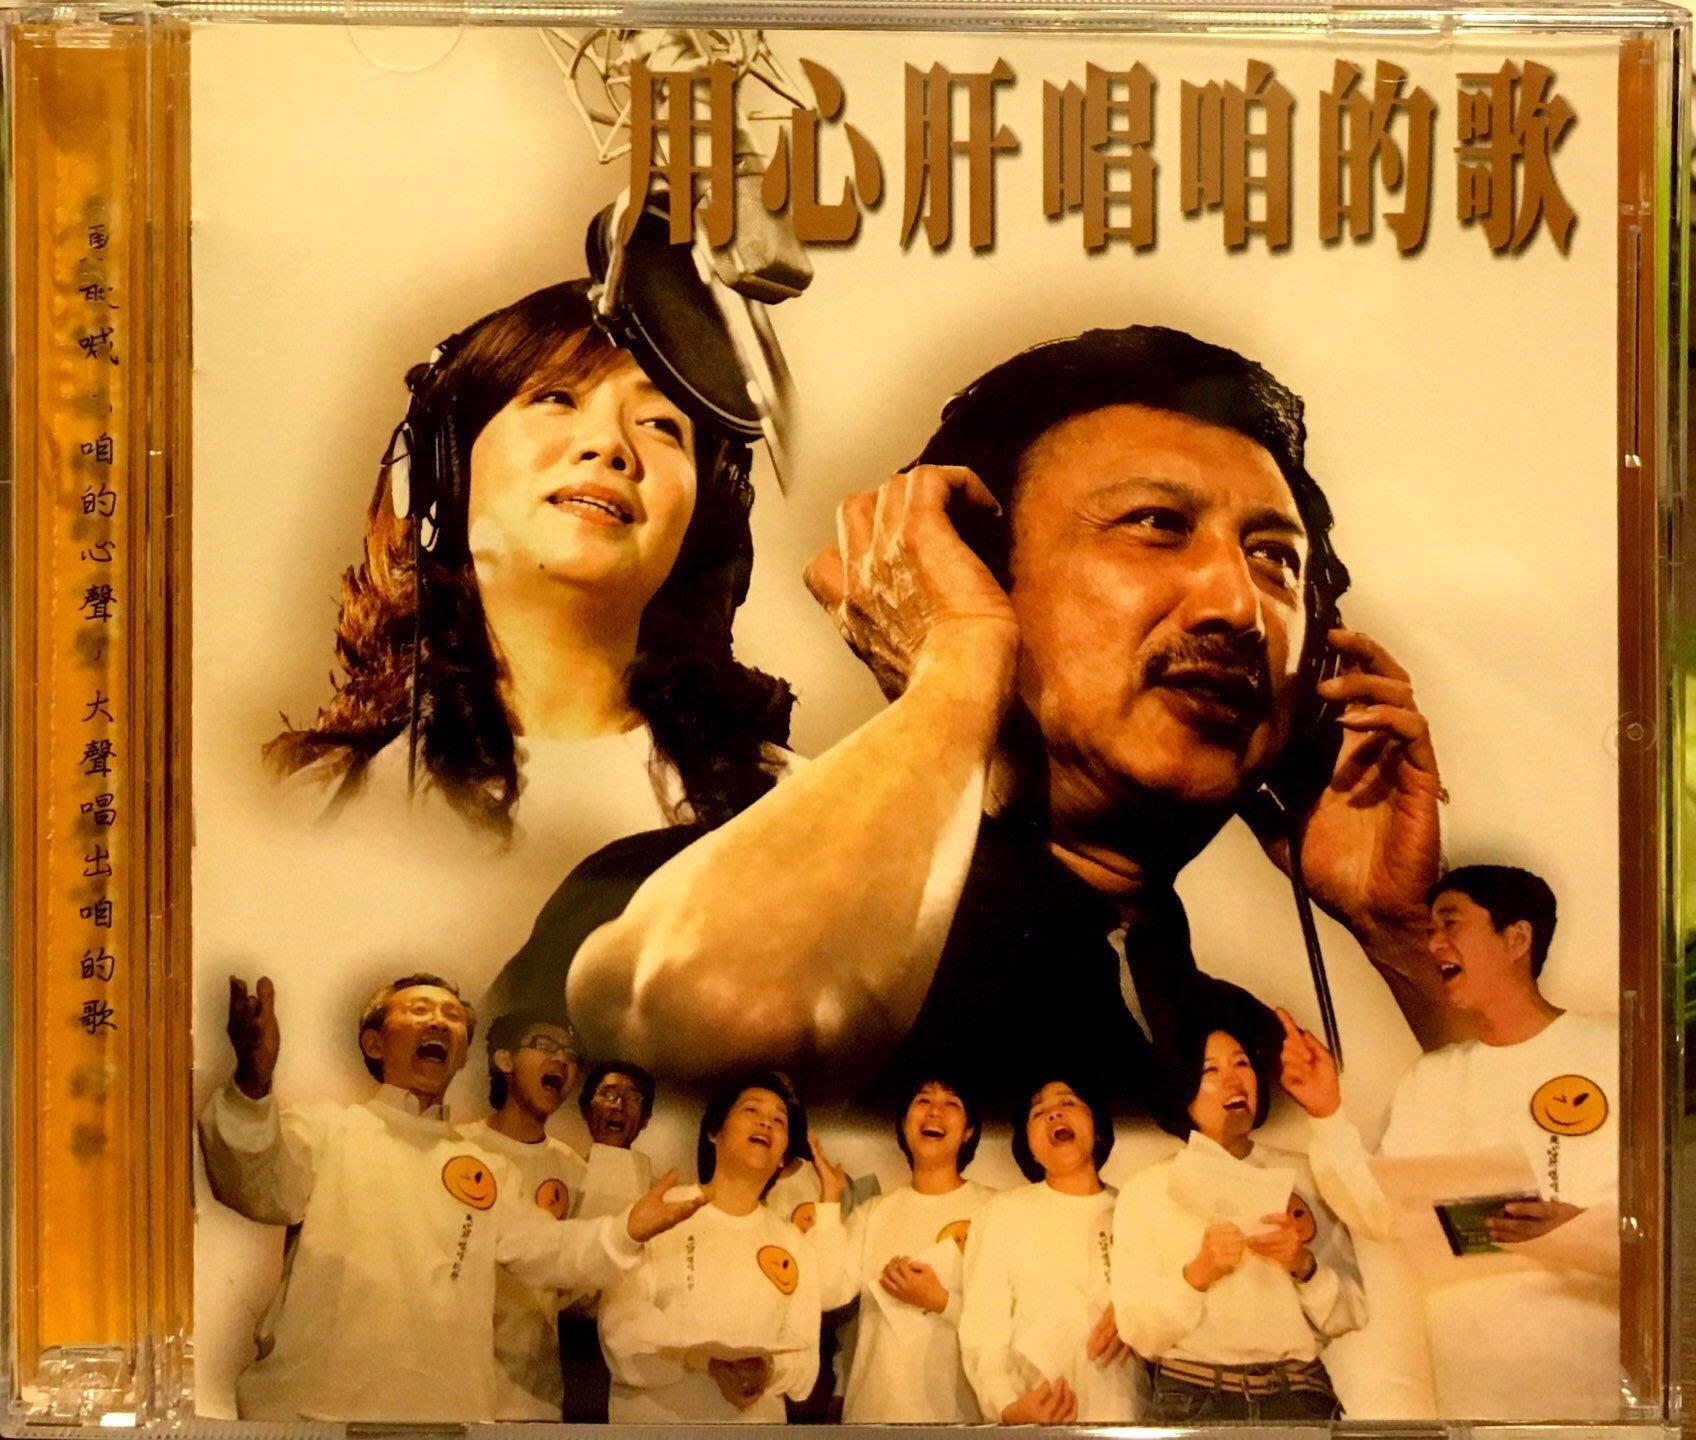 二手CD黑膠交流:用心肝唱咱的歌CD+DVD,余天林國慶王定宇章天軍阿生等演唱,王明哲作曲製作,全奇摩拍賣唯一一張E2